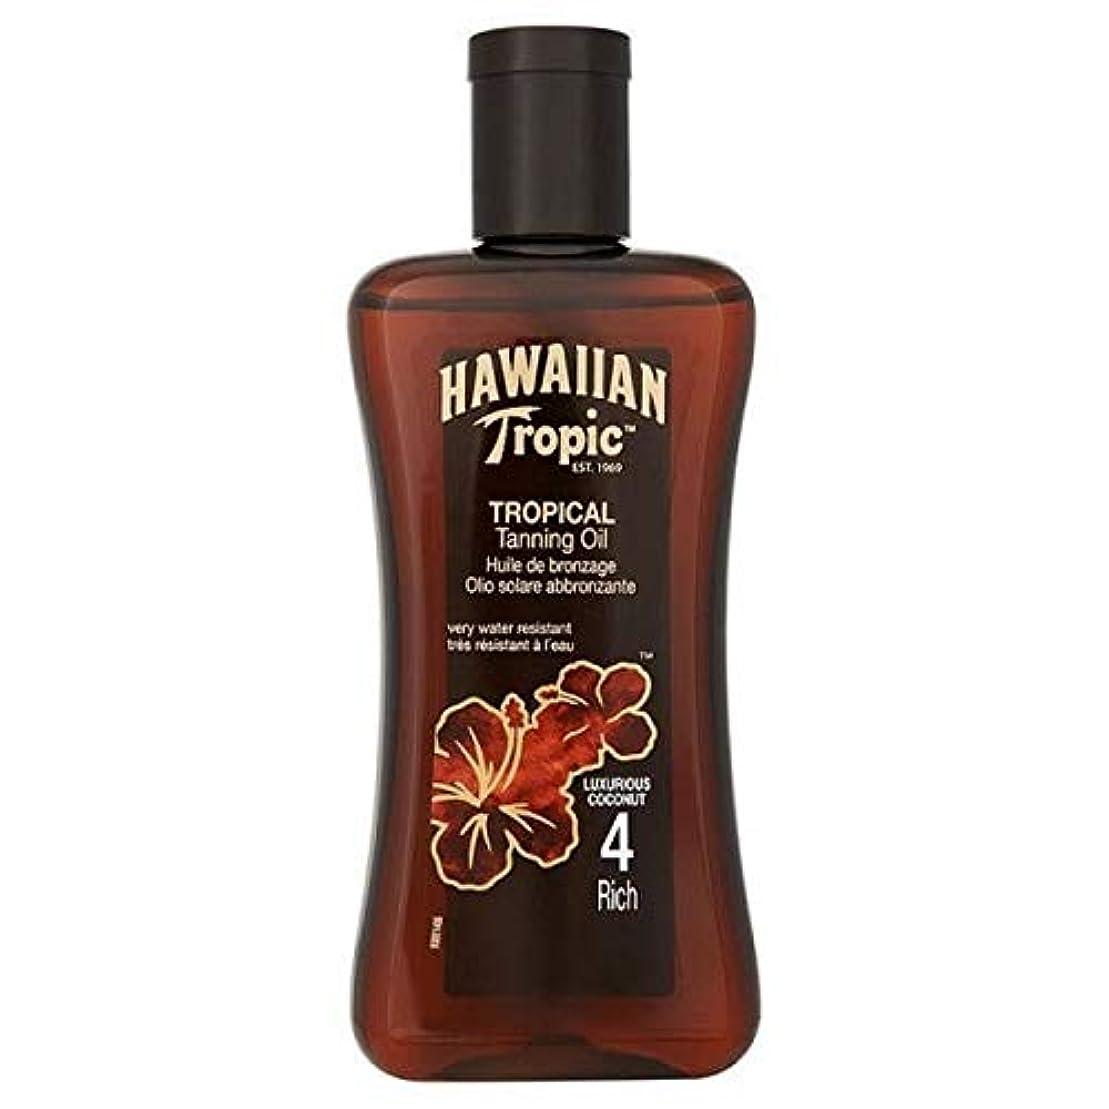 [Hawaiian Tropic ] 南国ハワイ専門の日焼けオイルの豊富な4 200ミリリットル - Hawaiian Tropic Professional Tanning Oil Rich 4 200ml [並行輸入品]